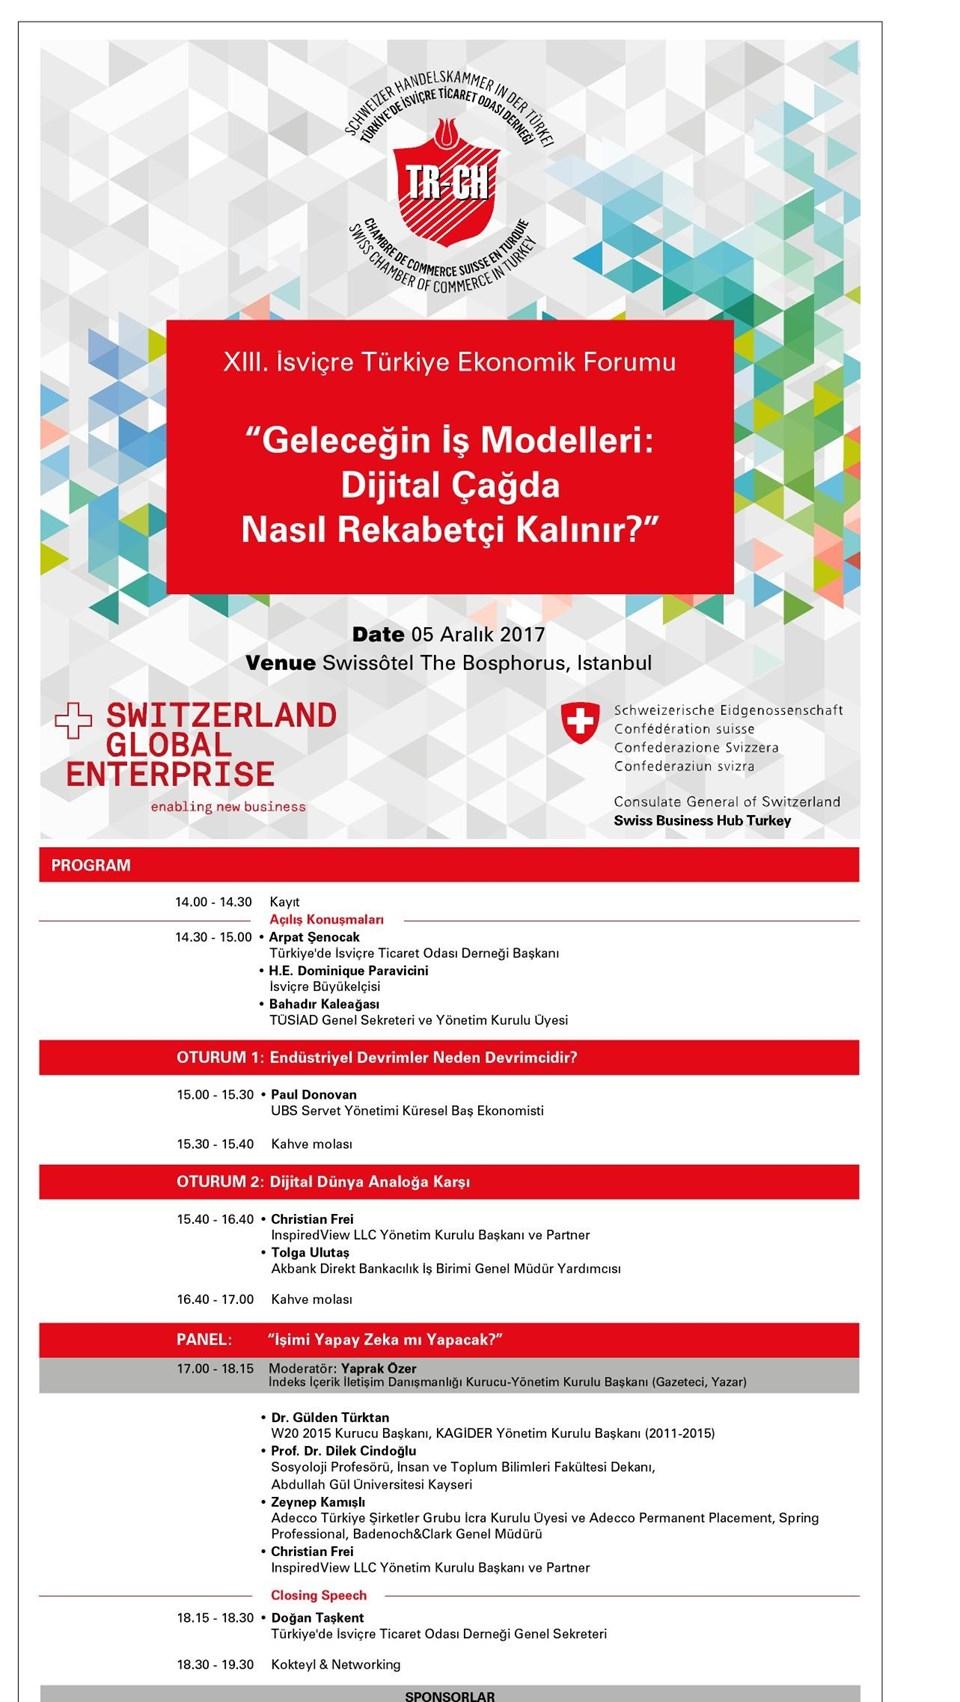 Swissotel'deki etkinlik 5 Aralık Salı günü öğleden sonra başlıyor...